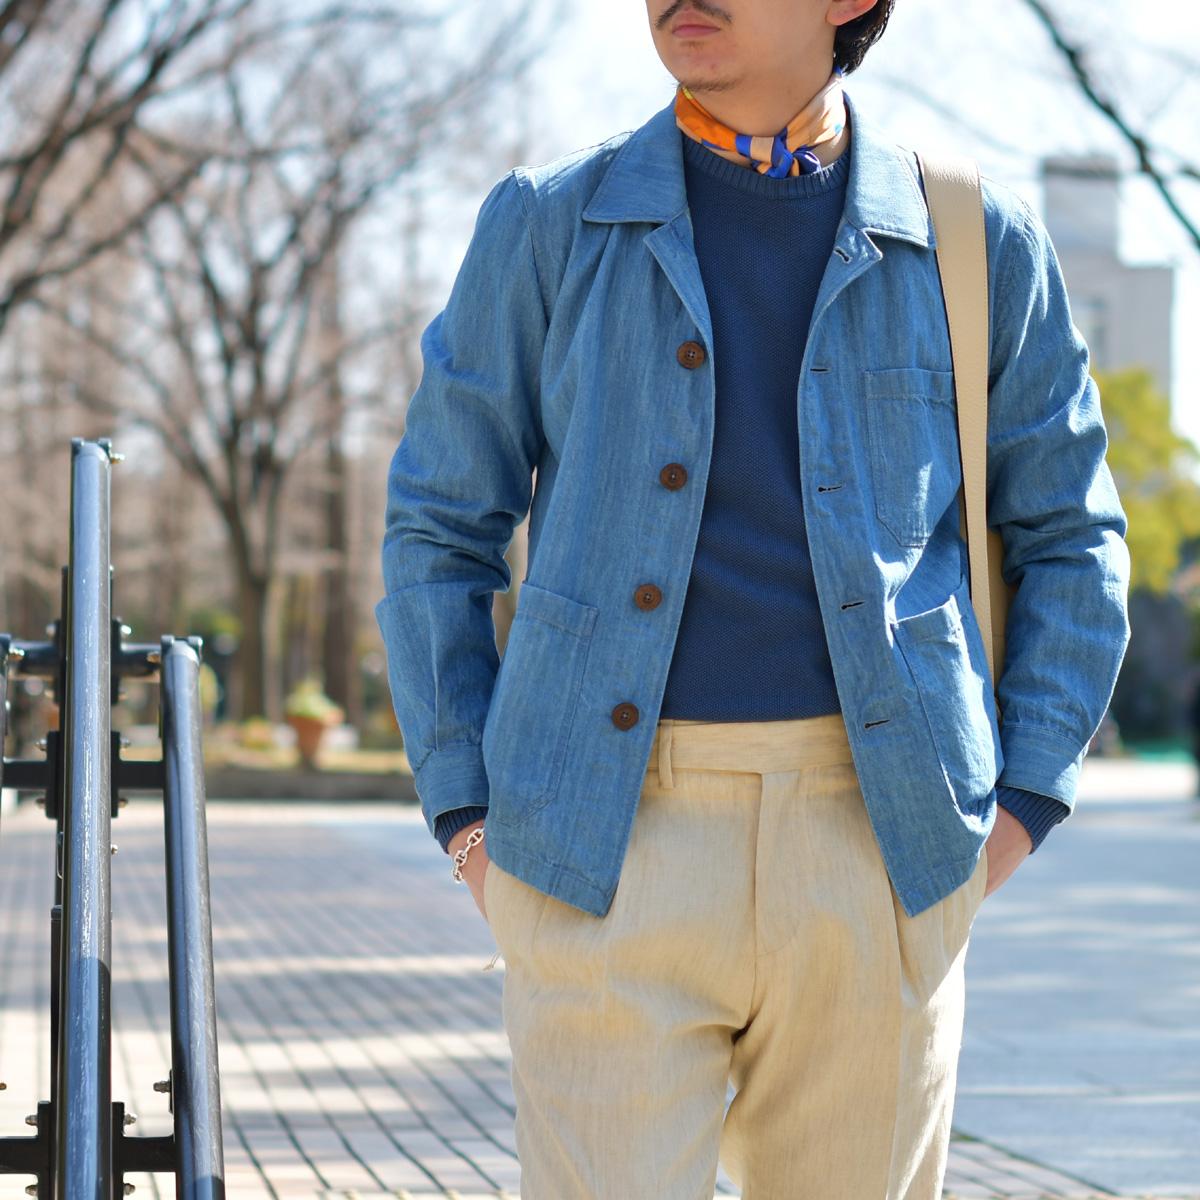 1着あると便利なジャケット代わりのカバーオール!LARDINI【ラルディーニ】